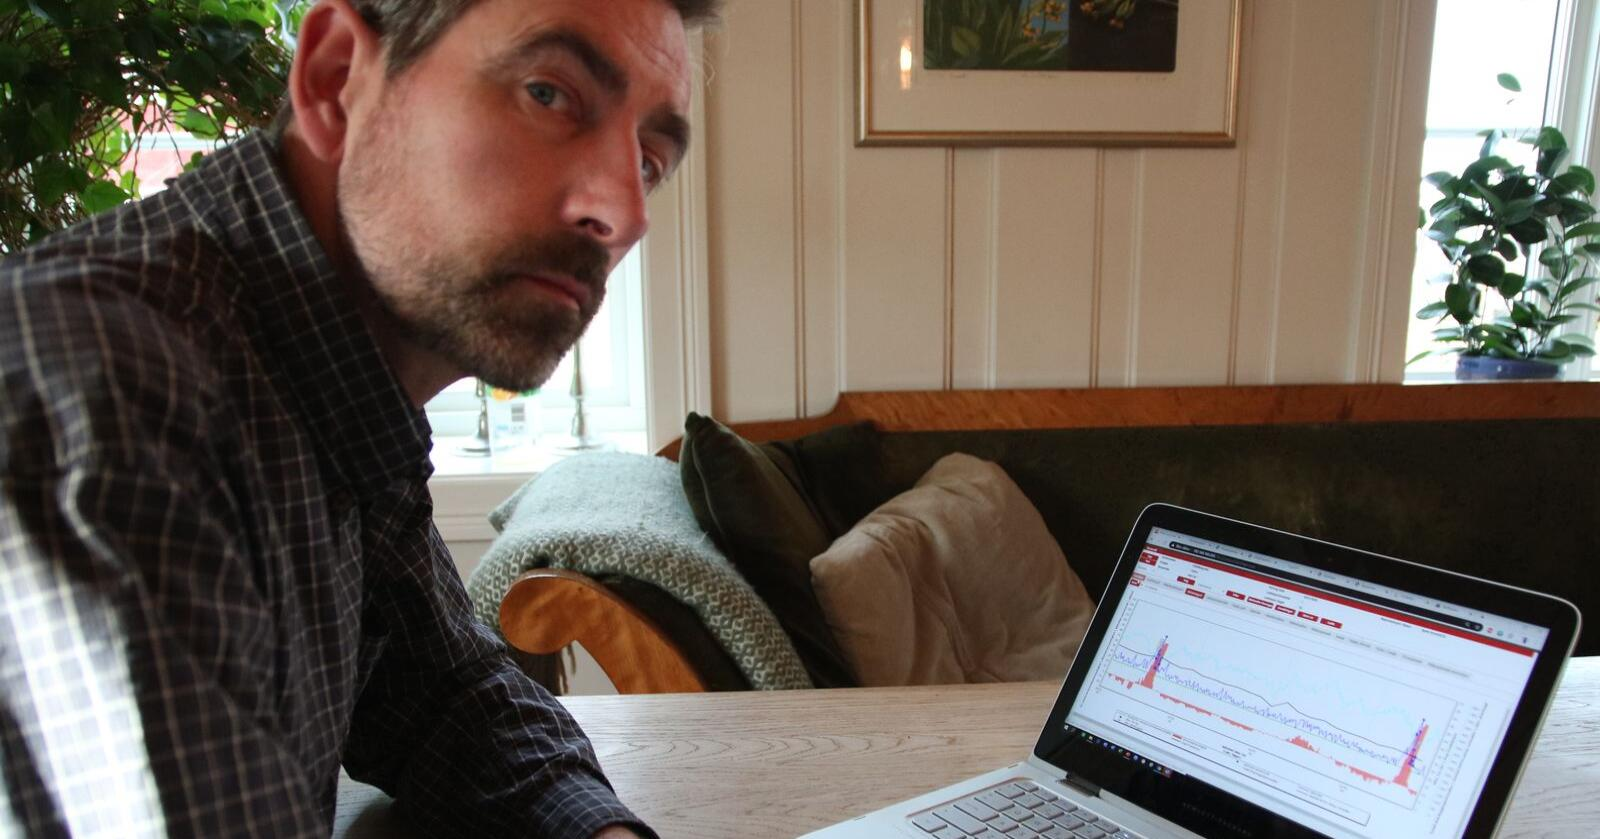 På Lely sitt dokumentasjonsprogram an Christian se melkemengde, aktivitetsnivå, drøvtyggeraktivitet og vekt på ver ku i fjøset. Foto: Knut Houge